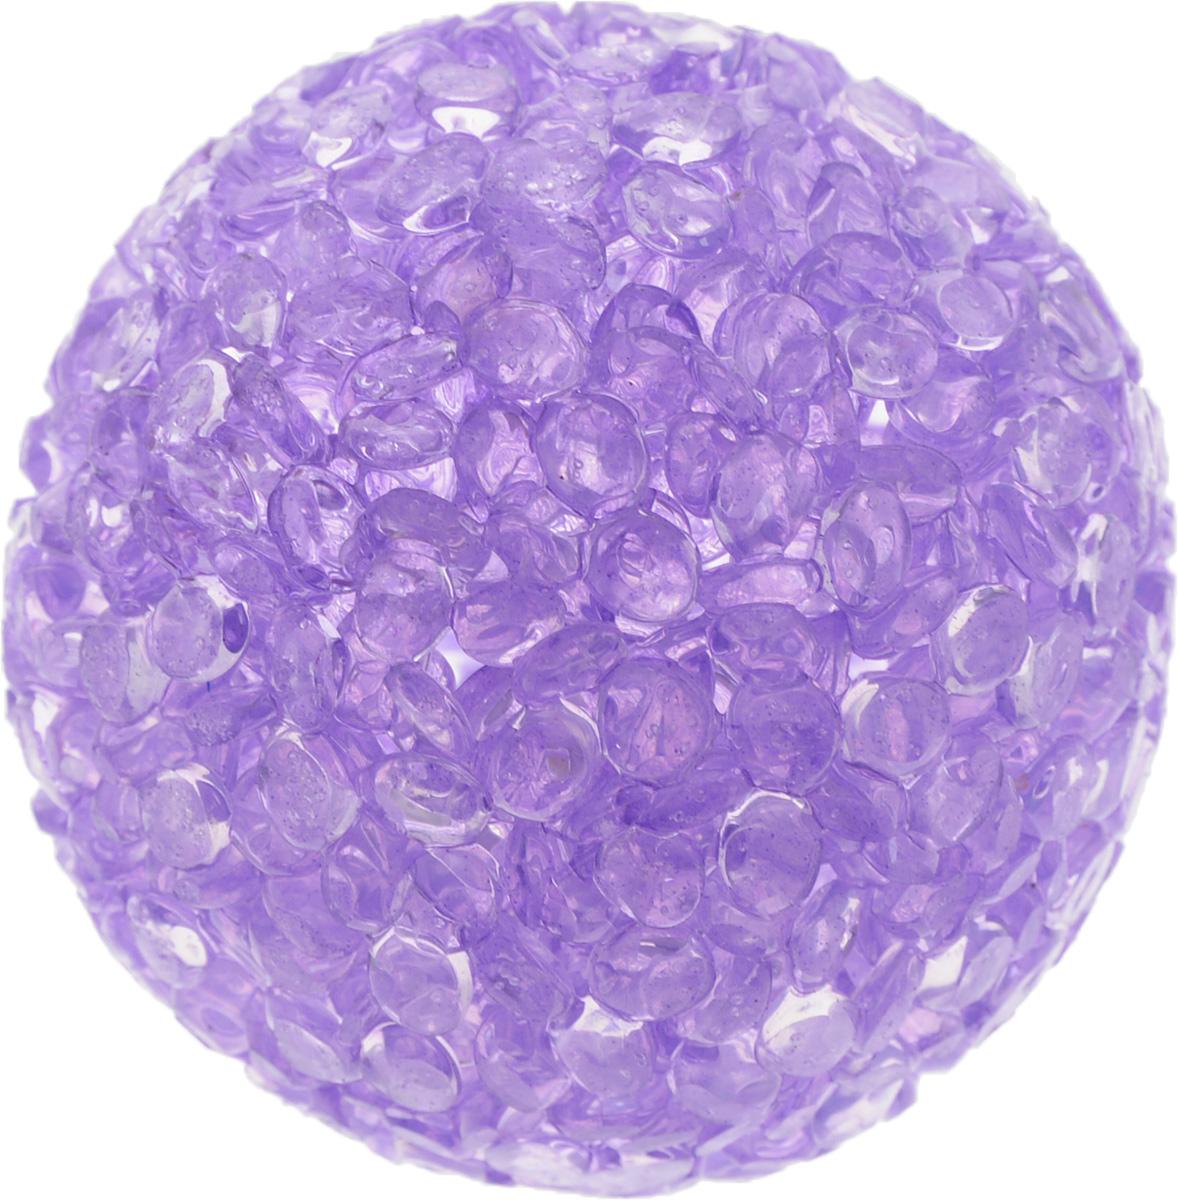 Игрушка для животных Каскад Мячик блестящий, цвет: фиолетовый, диаметр 4 см игрушка для животных каскад мячик пробковый диаметр 3 5 см